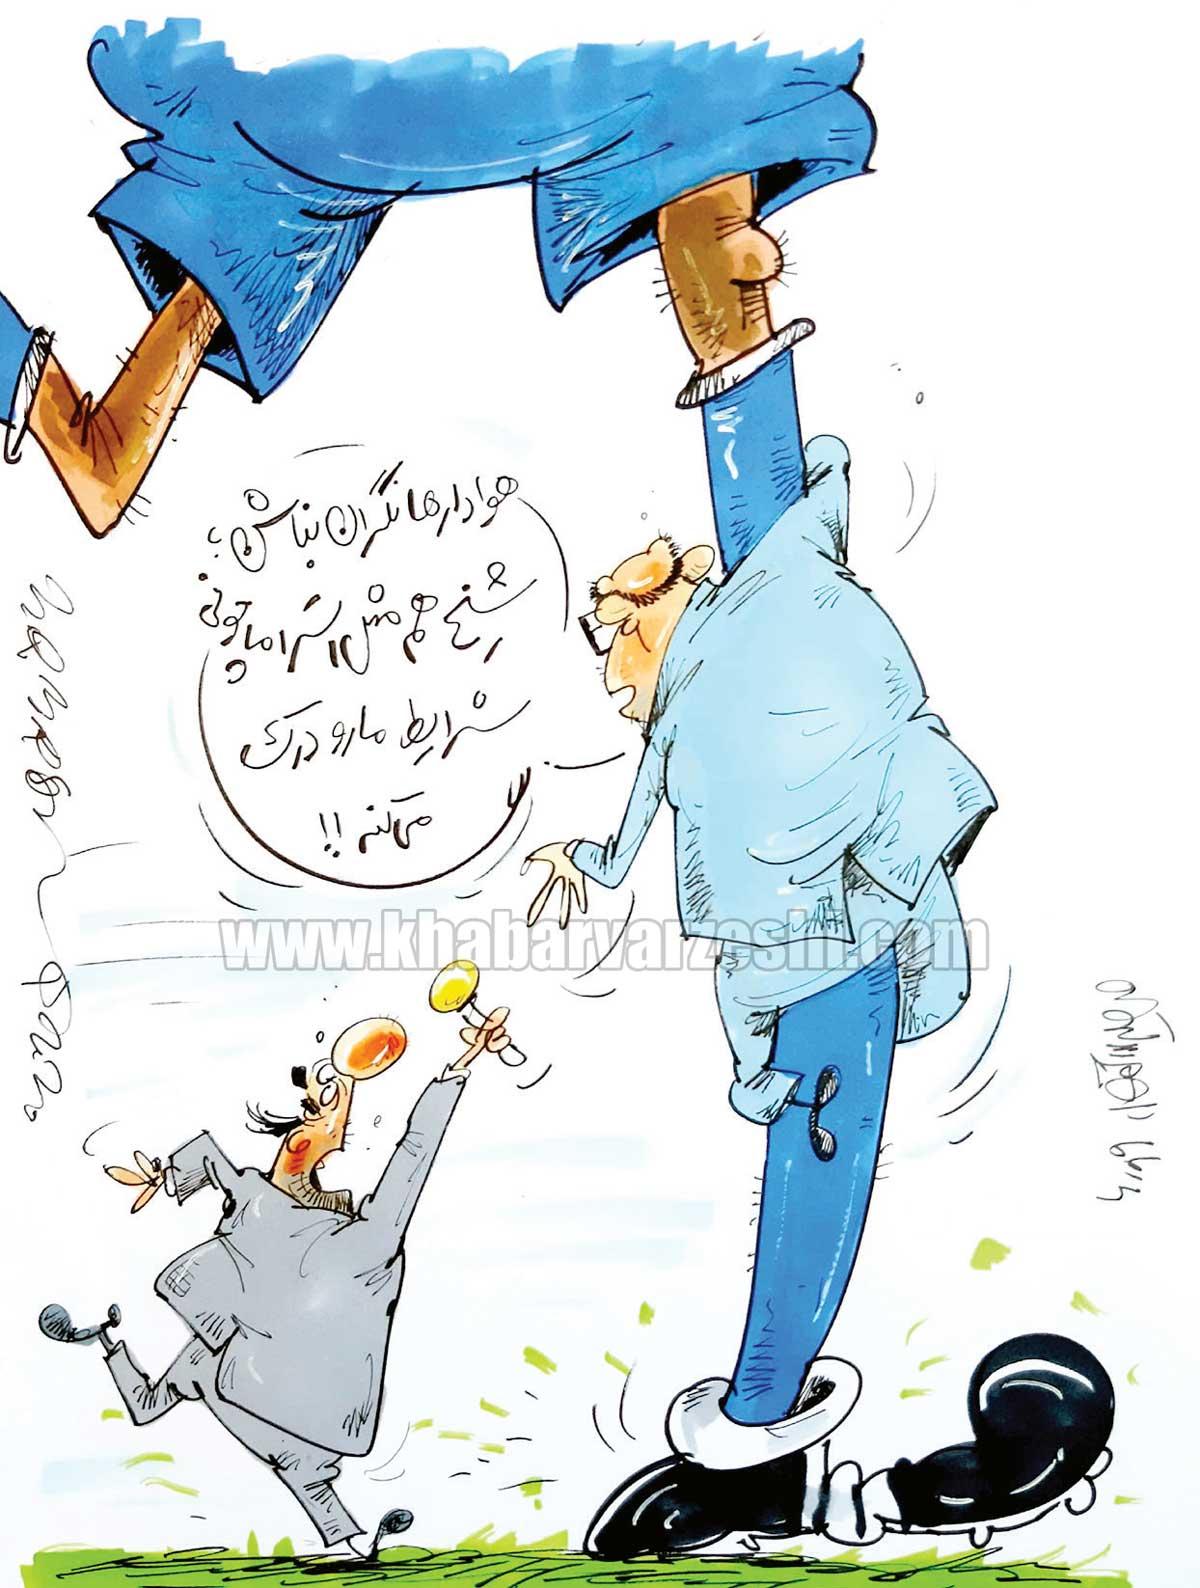 کارتون محمدرضا میرشاهولد درباره رفتن شیخ دیاباته